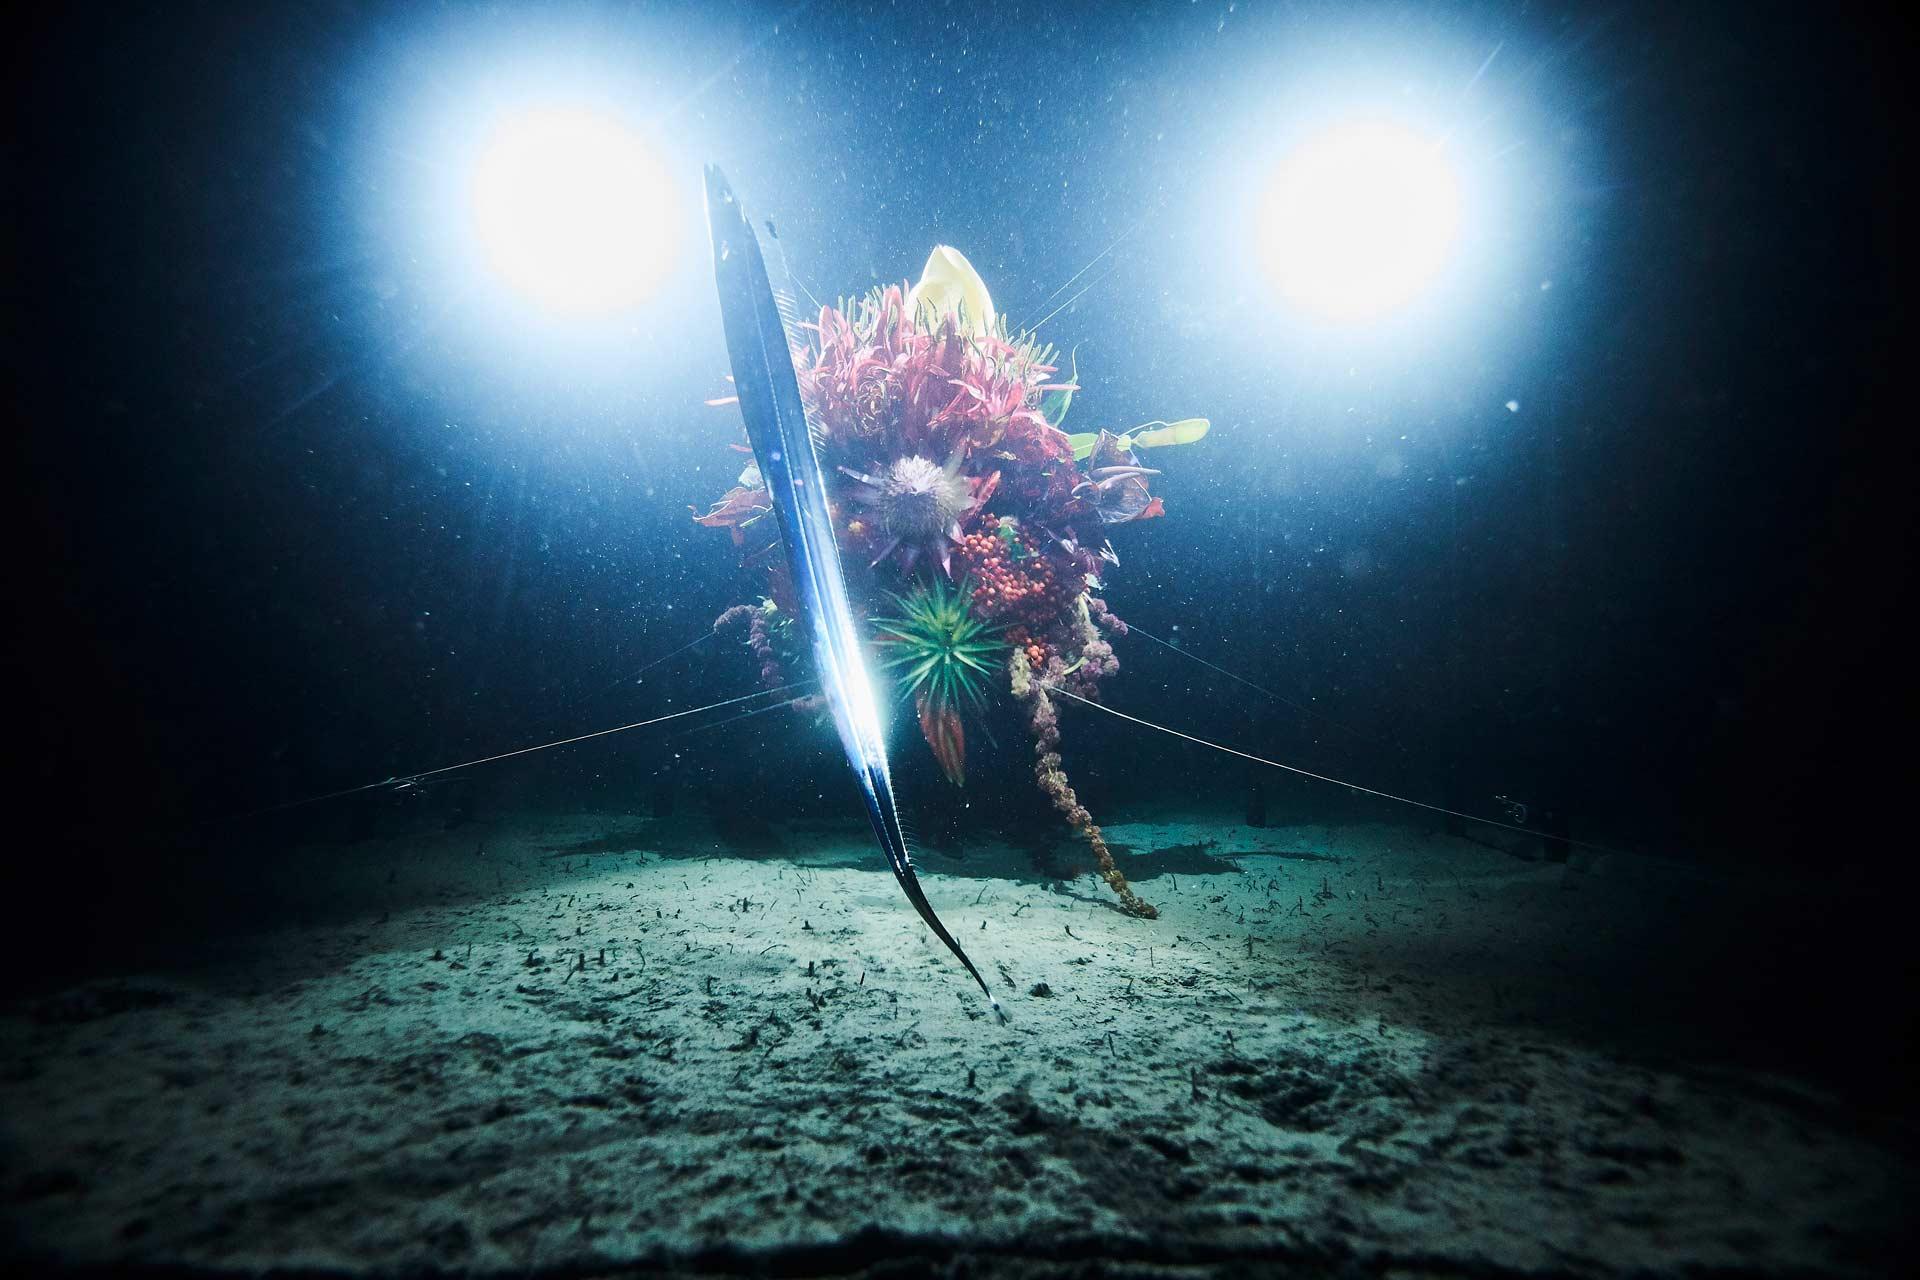 azuma-makoto-dives-into-the-unknown-3